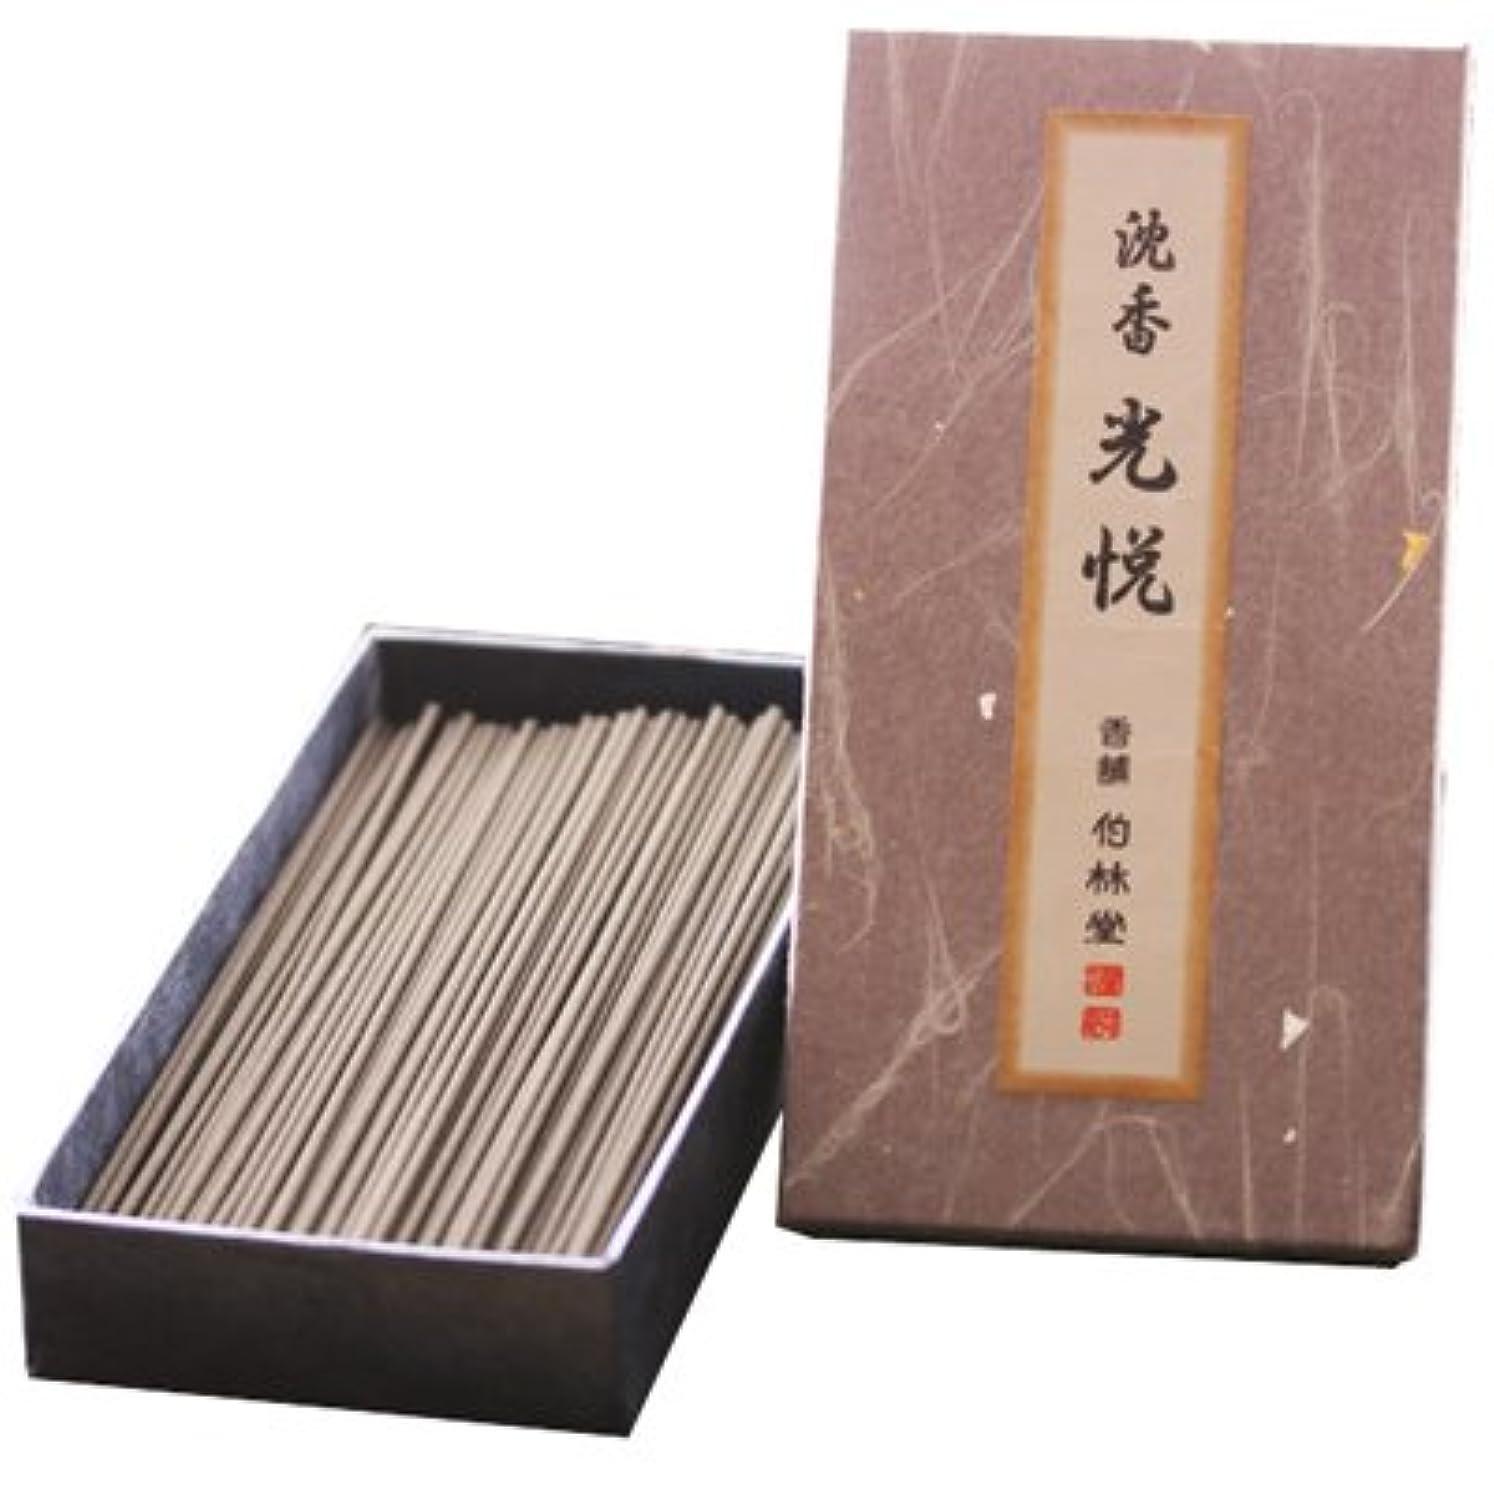 連続的かき混ぜる淡い沈香光悦(小箱) お線香